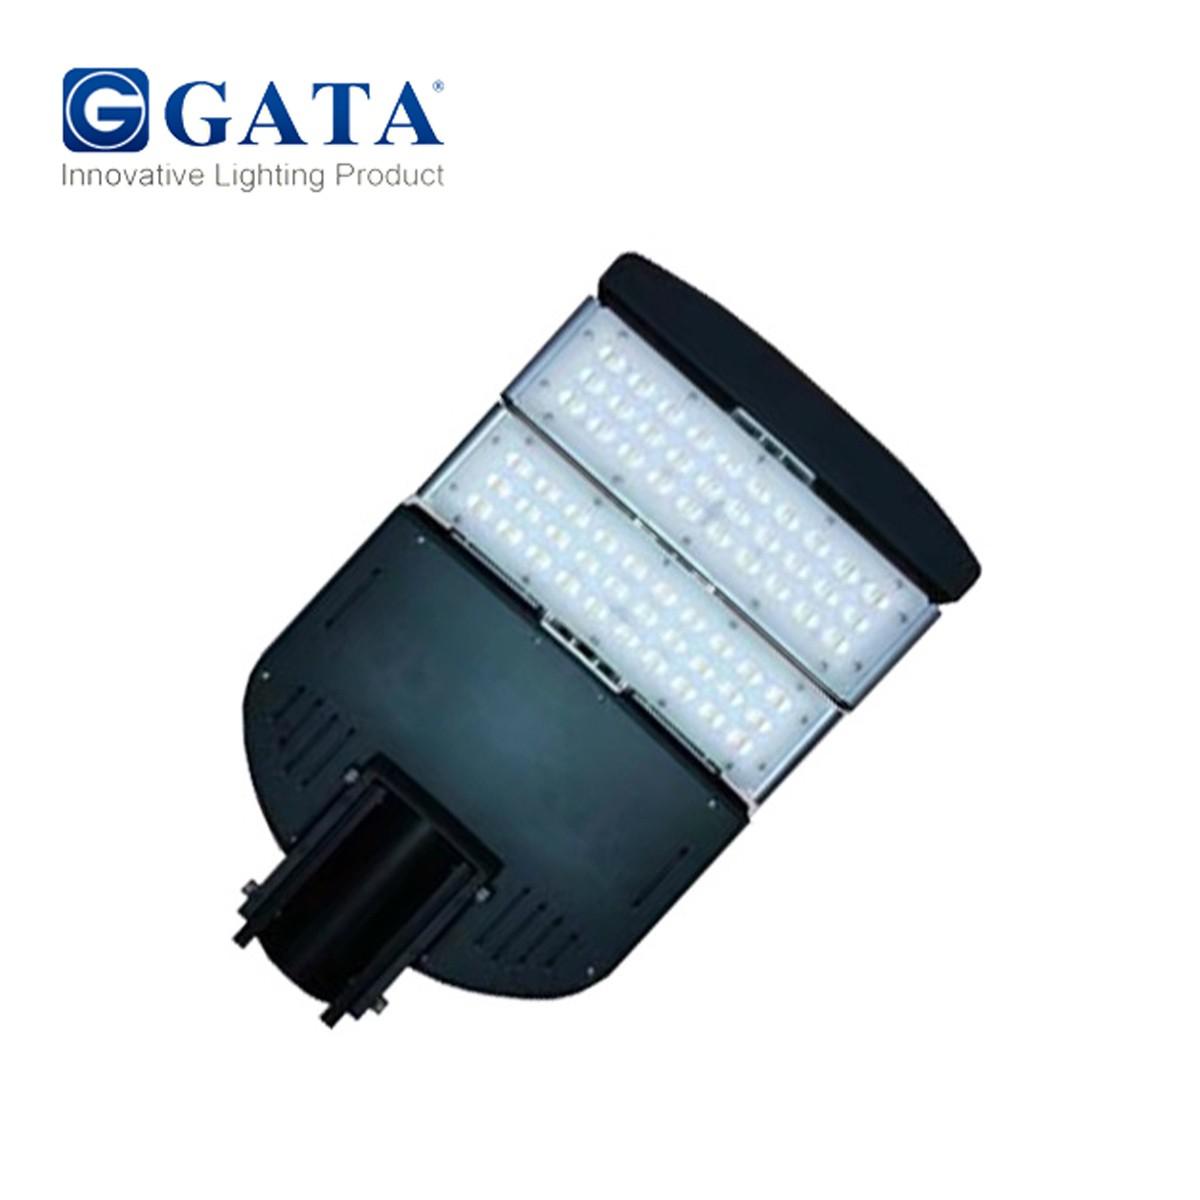 โคมไฟถนน LED Street Light 60w (เดย์ไลท์) GATA